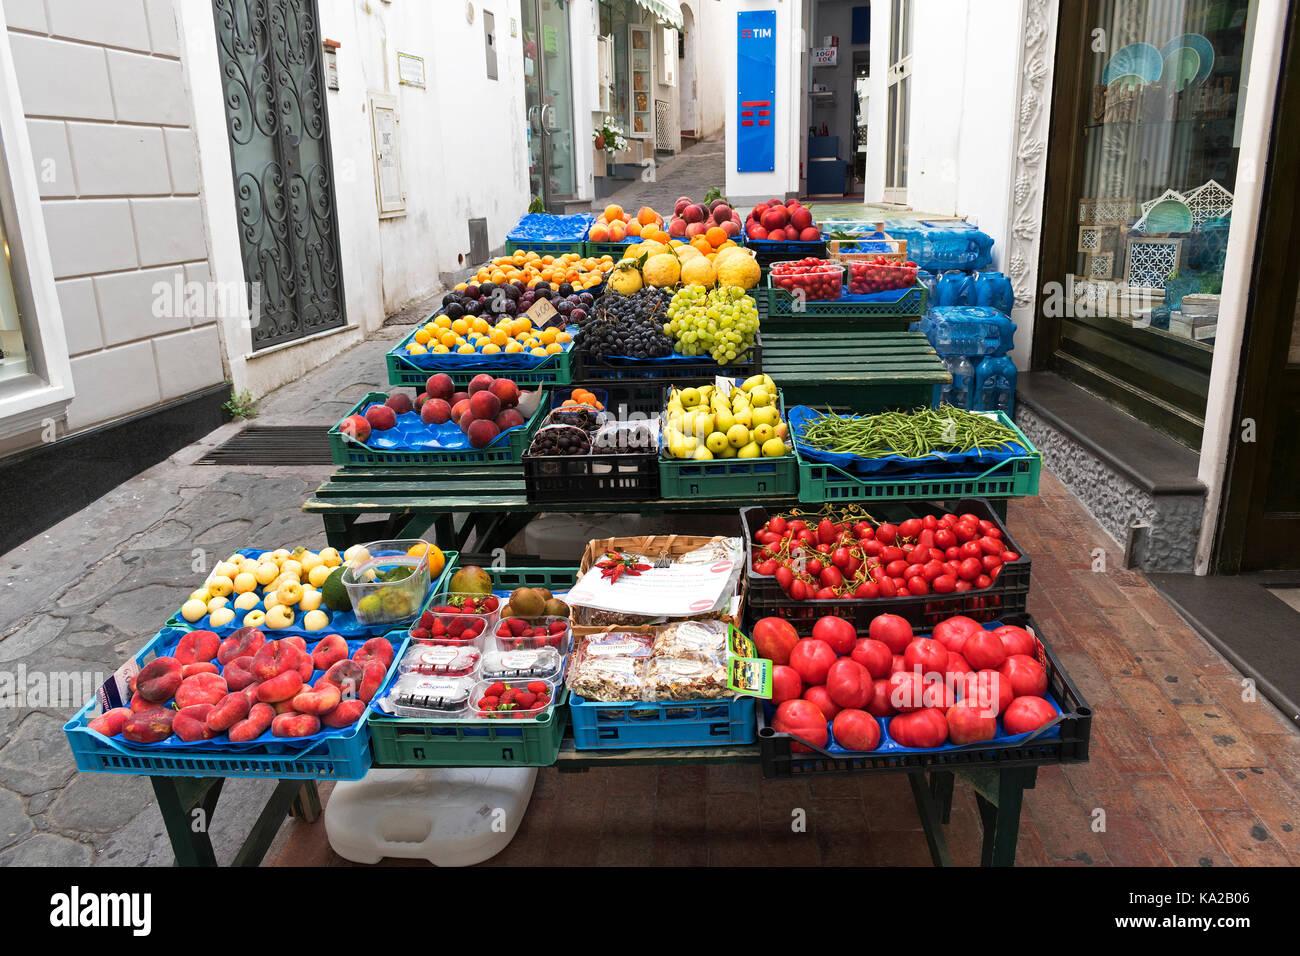 Fruits et légumes frais locaux pour la vente sur un marché de rue dans la région de Capri, Italie. Photo Stock